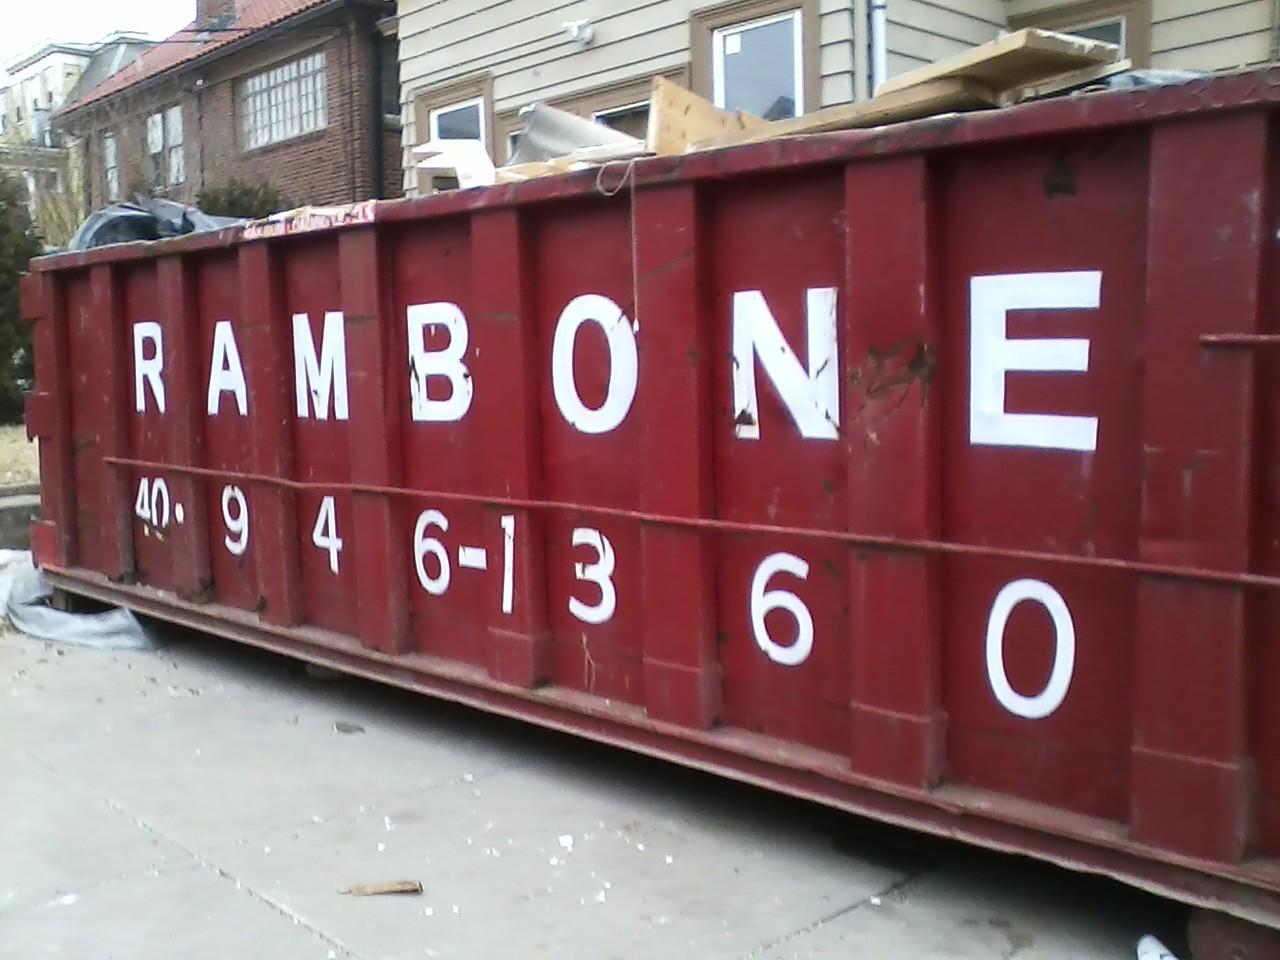 Rambone Dumpster #2